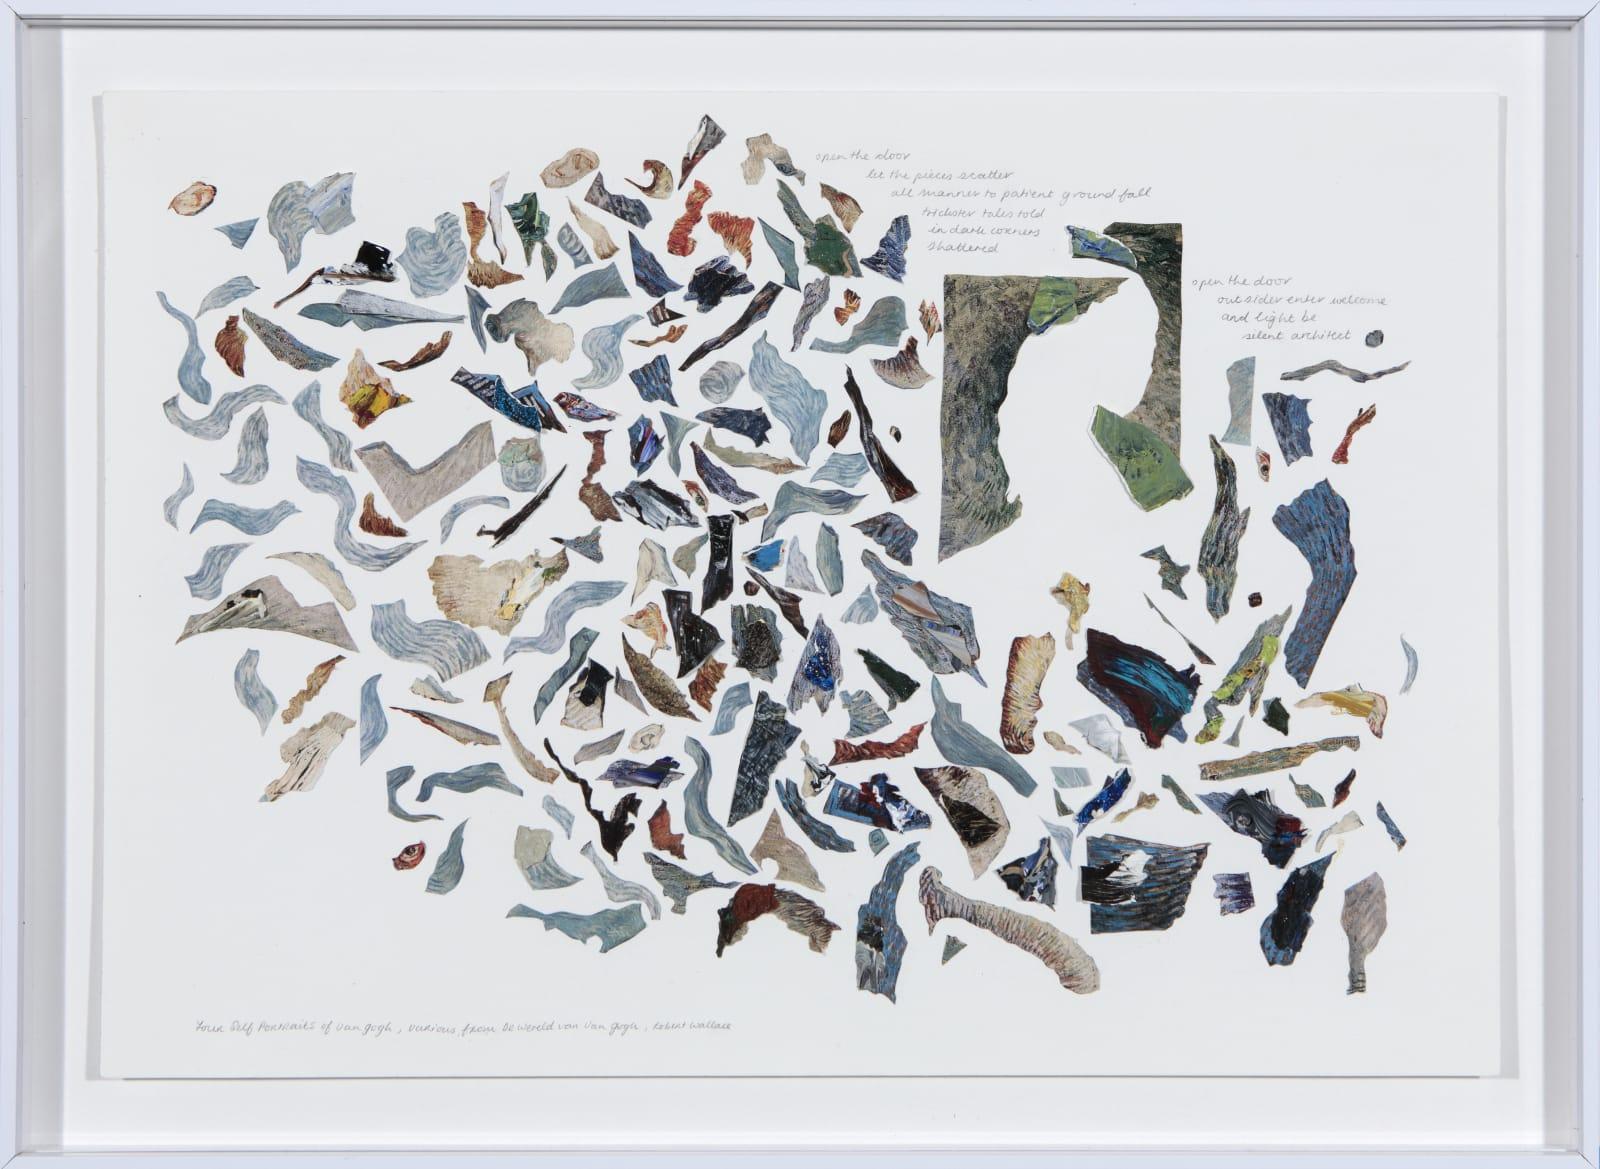 Carolyn Parton, Quartet for Van Gogh, 2018